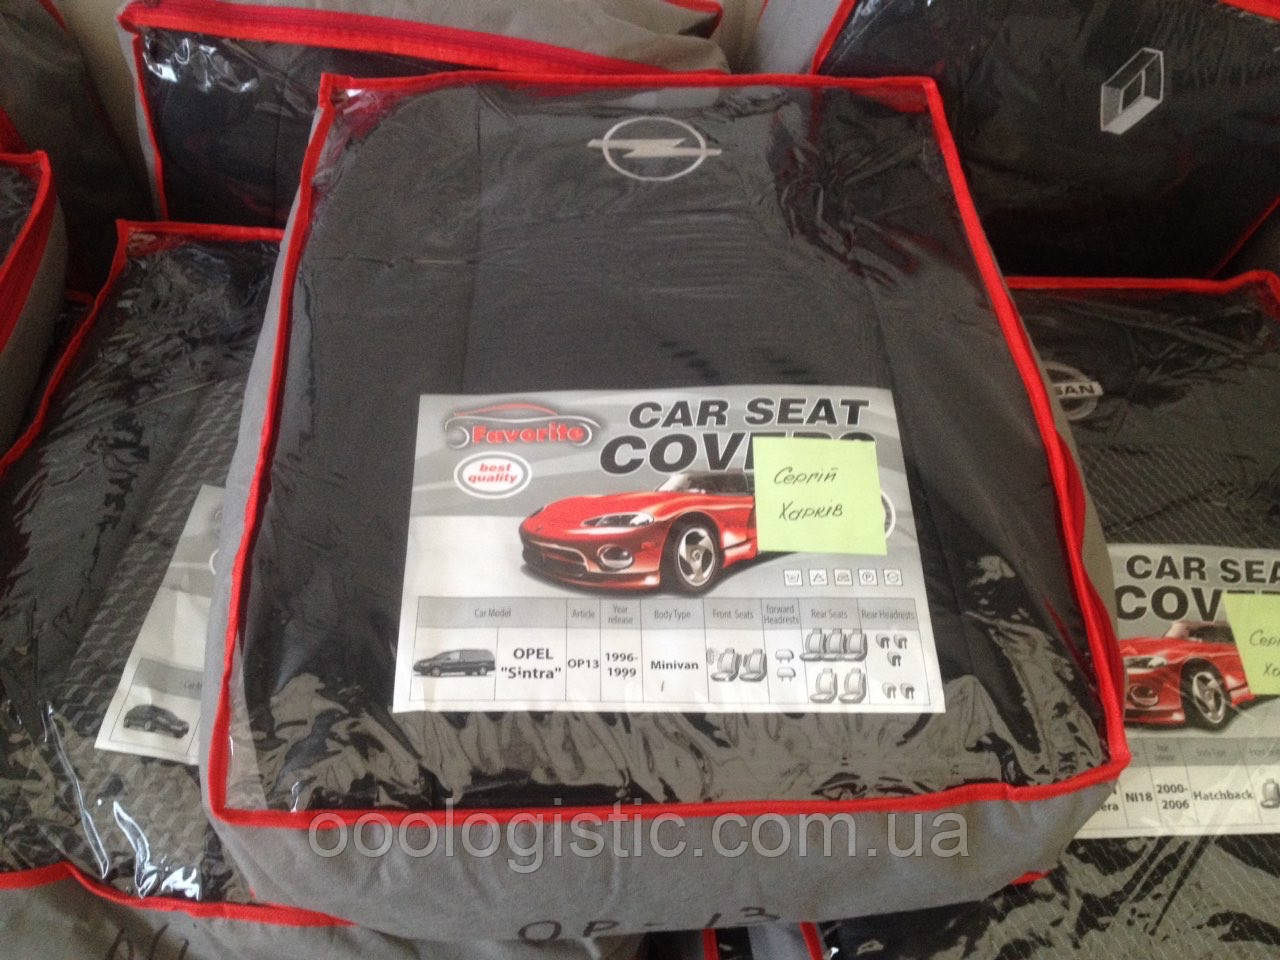 Авточехлы Favorite на Opel Sintra 7 мест 1996-1999 minivan,Опель Синтра